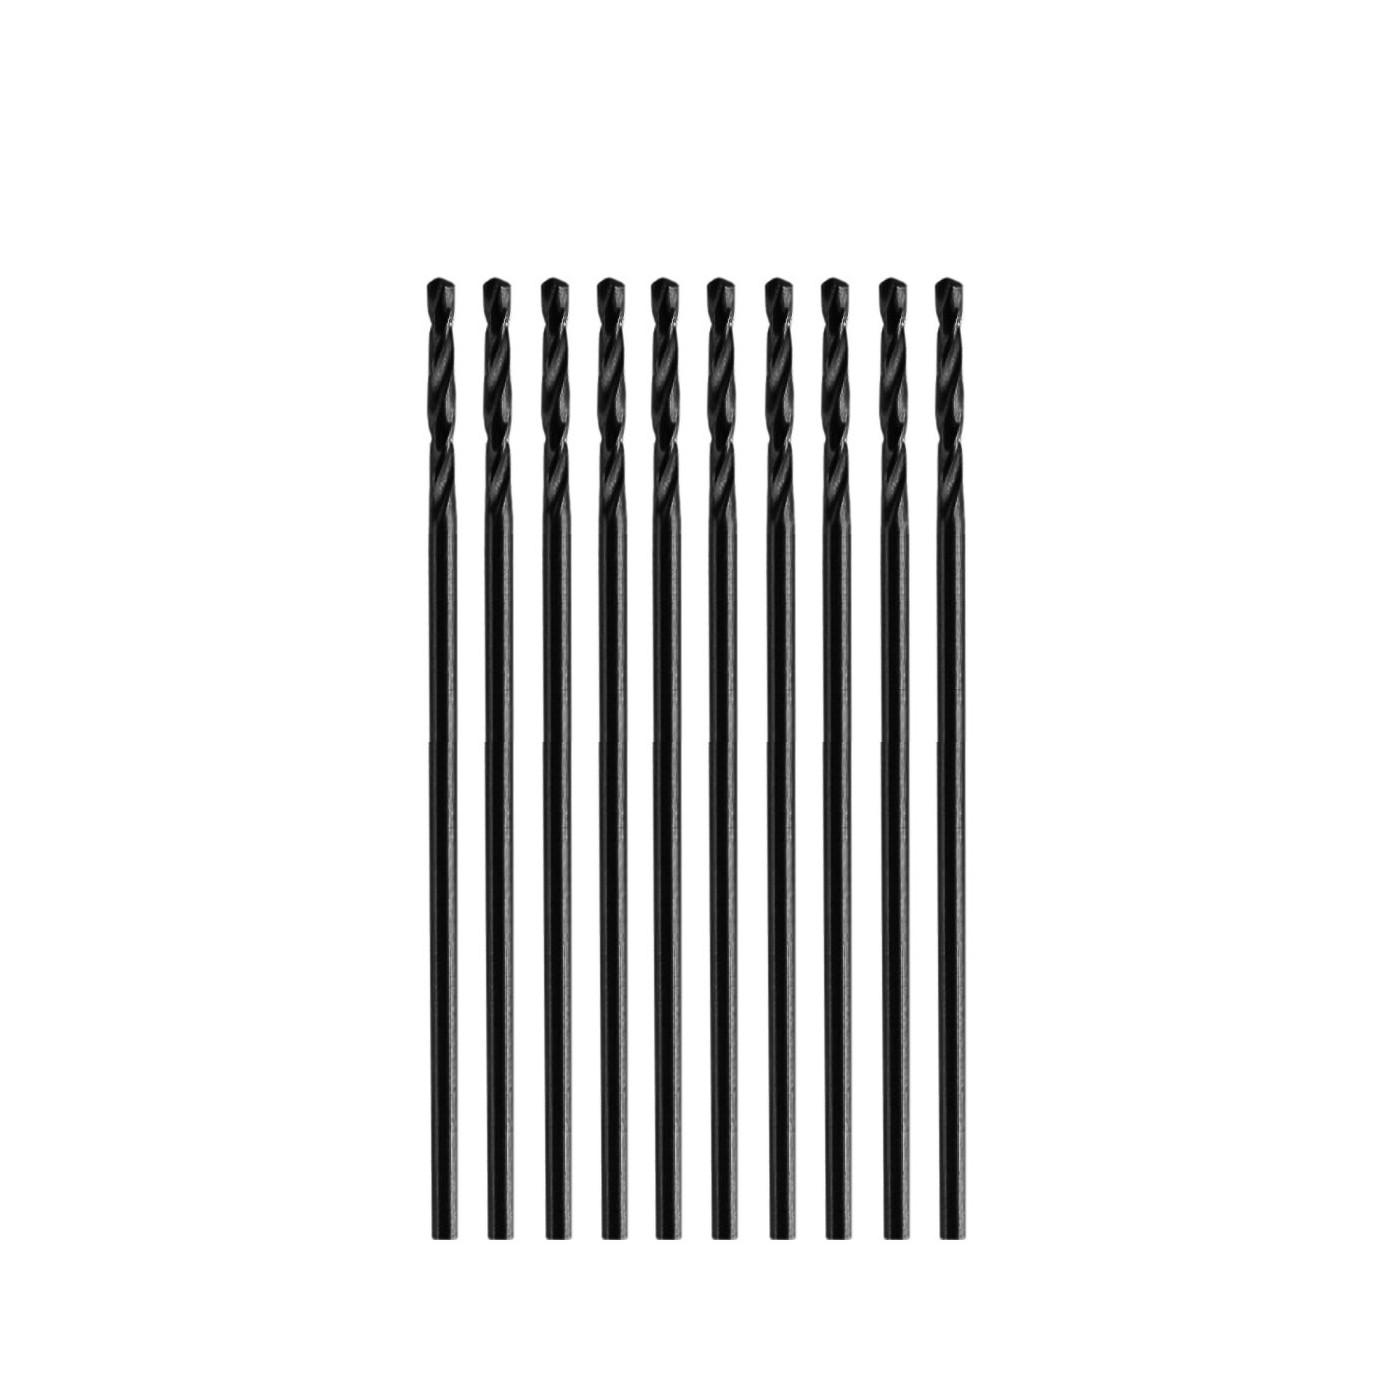 Jeu de 10 petits forets métalliques (2,5x55 mm, HSS-R)